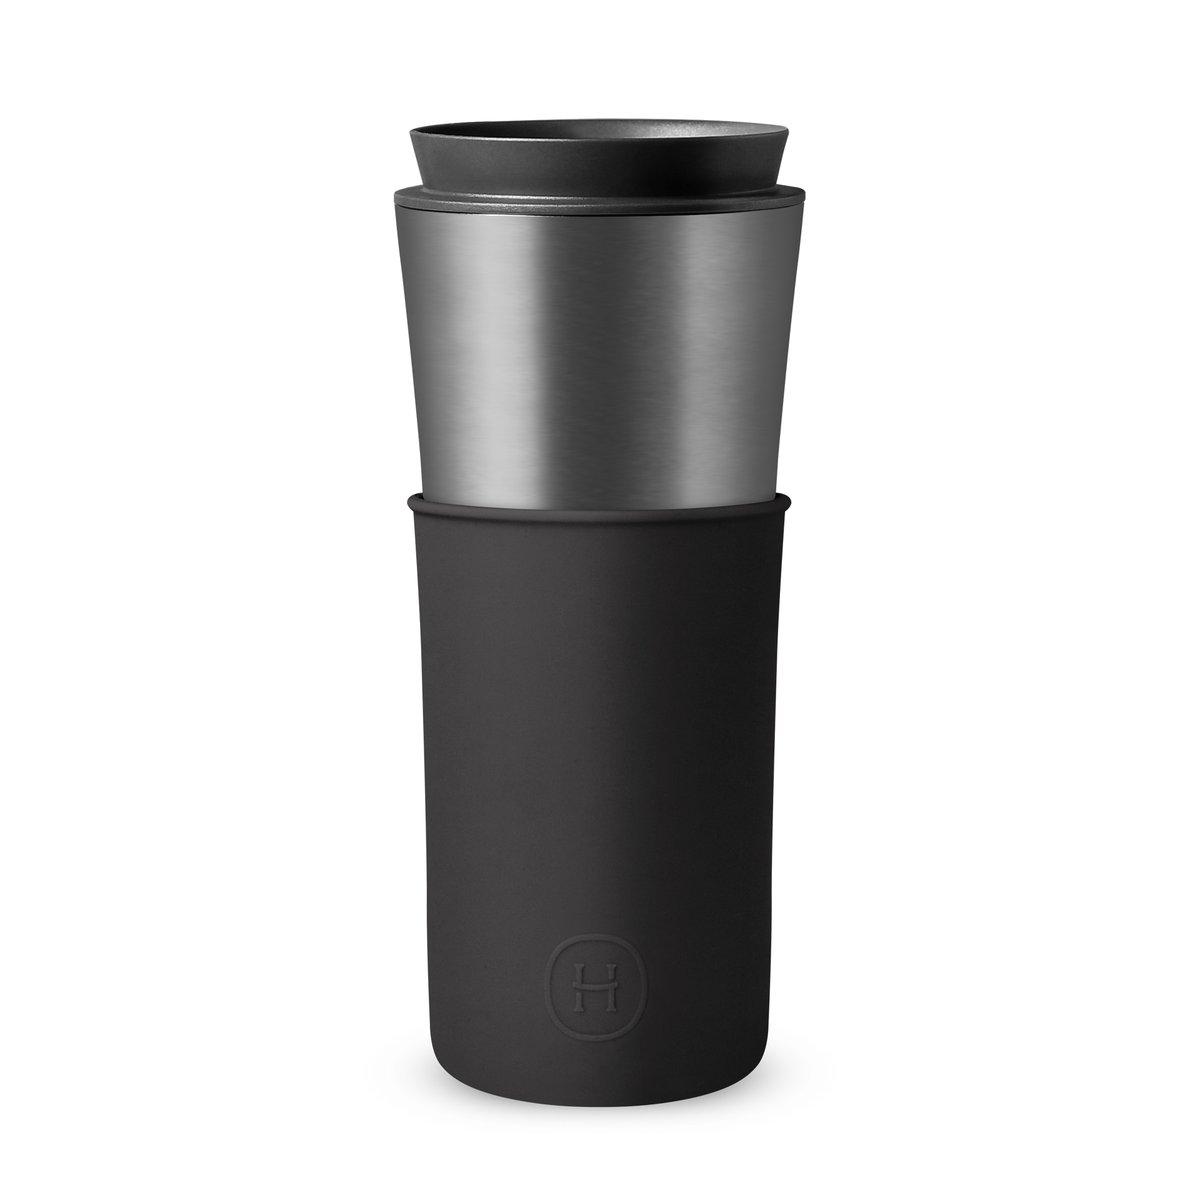 美國 HYDY 兩用隨行保溫杯 450ml 鈦灰杯 (午夜黑)